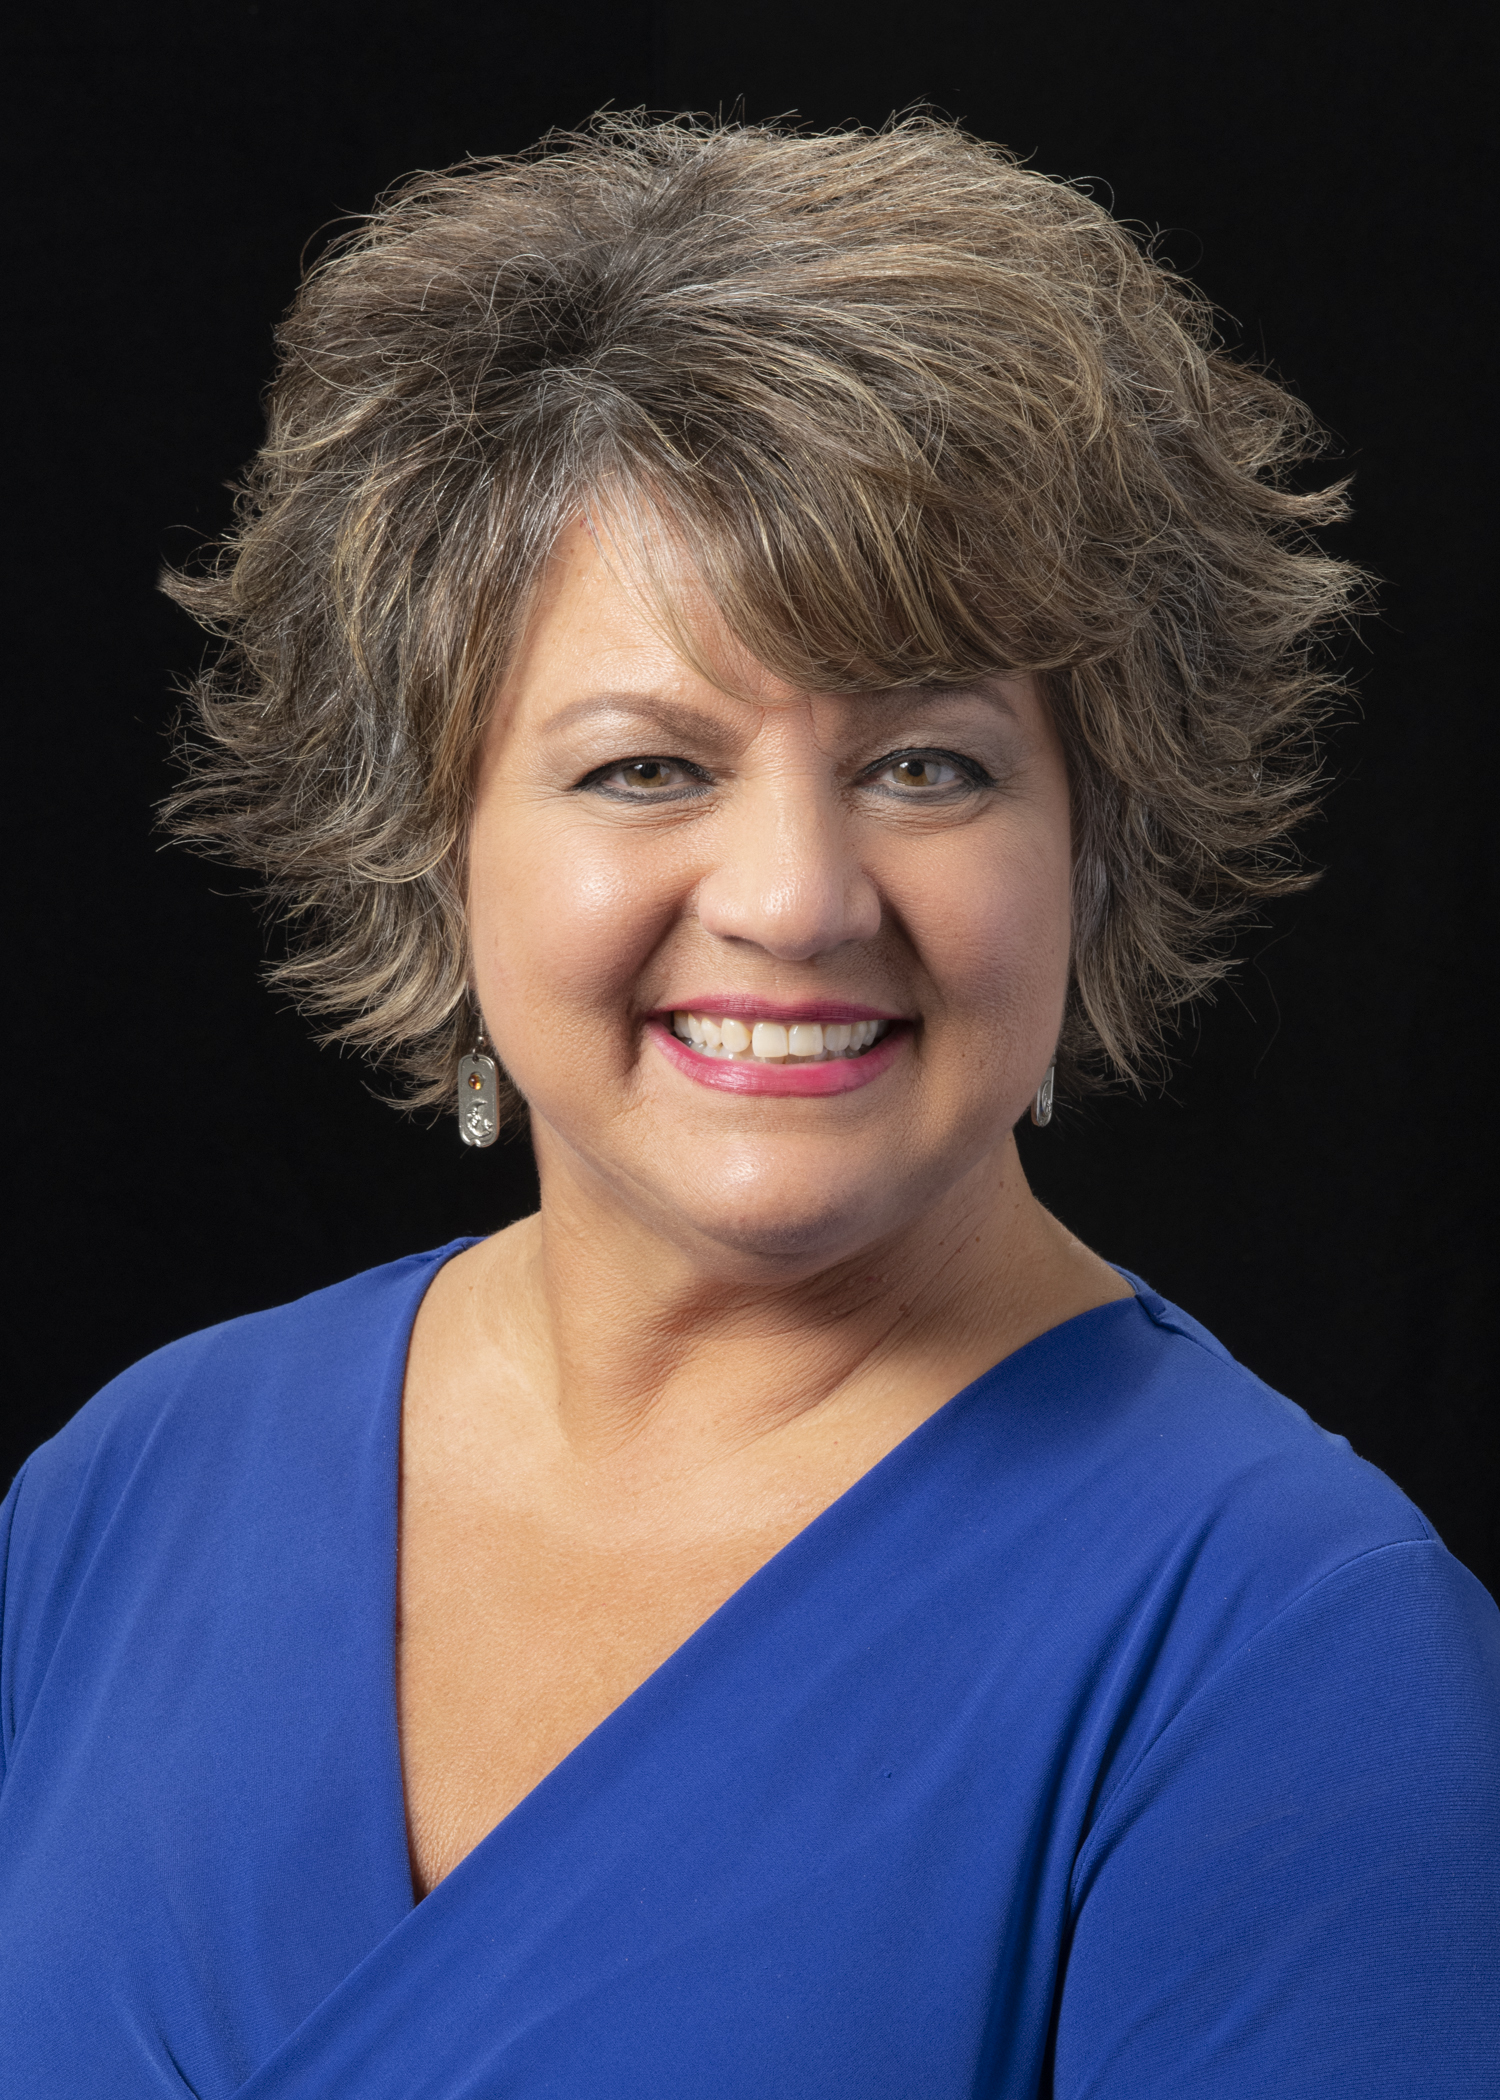 Gina Gedler